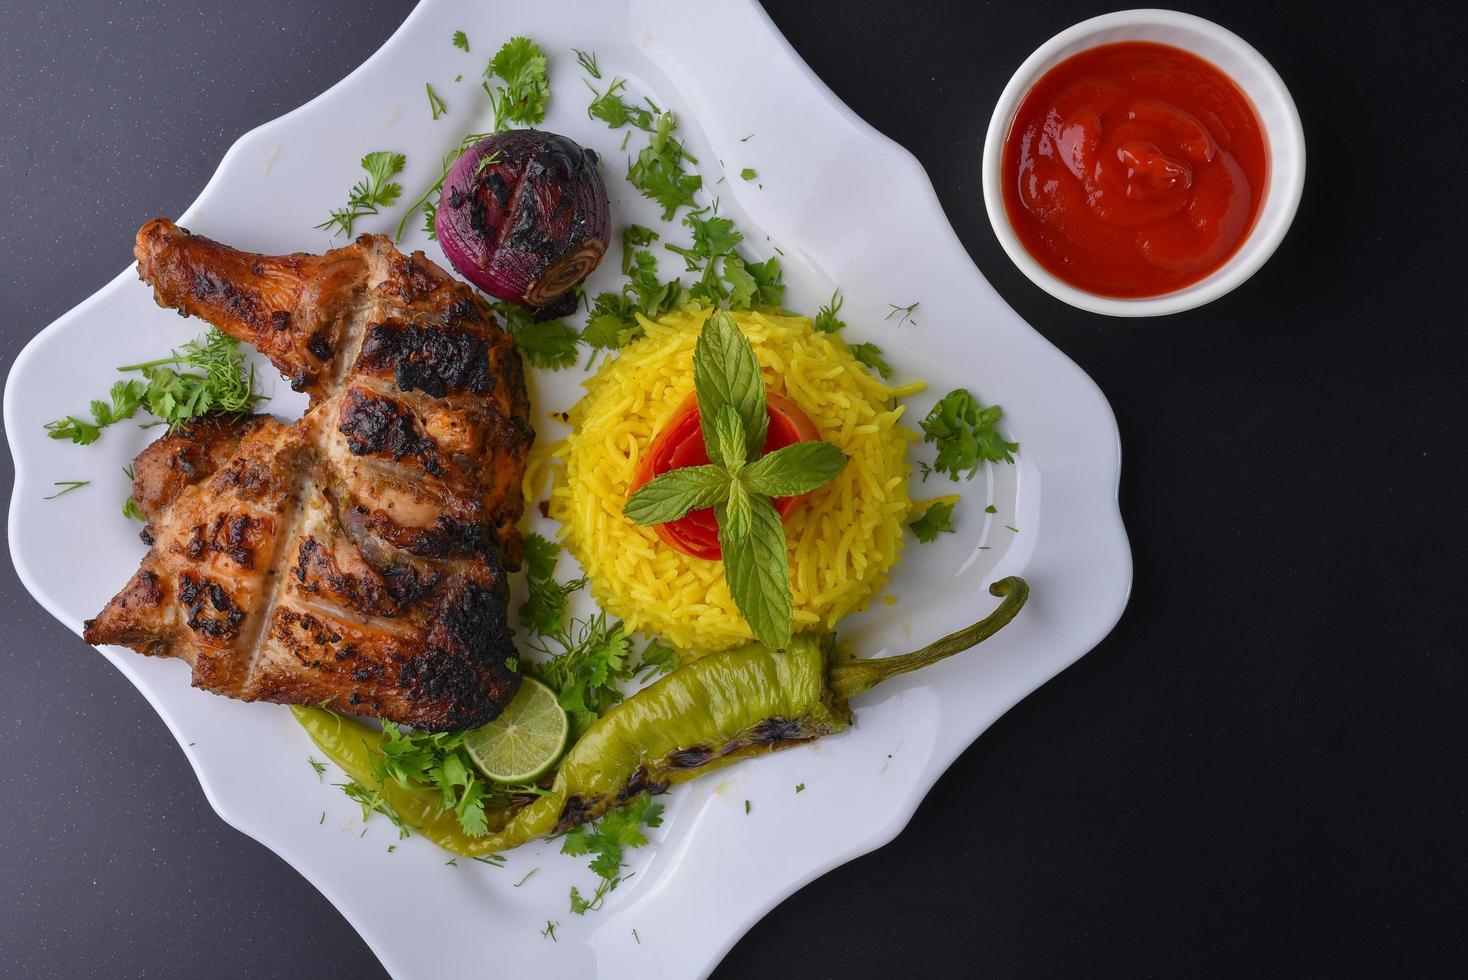 grillad kycklingmåltid foto